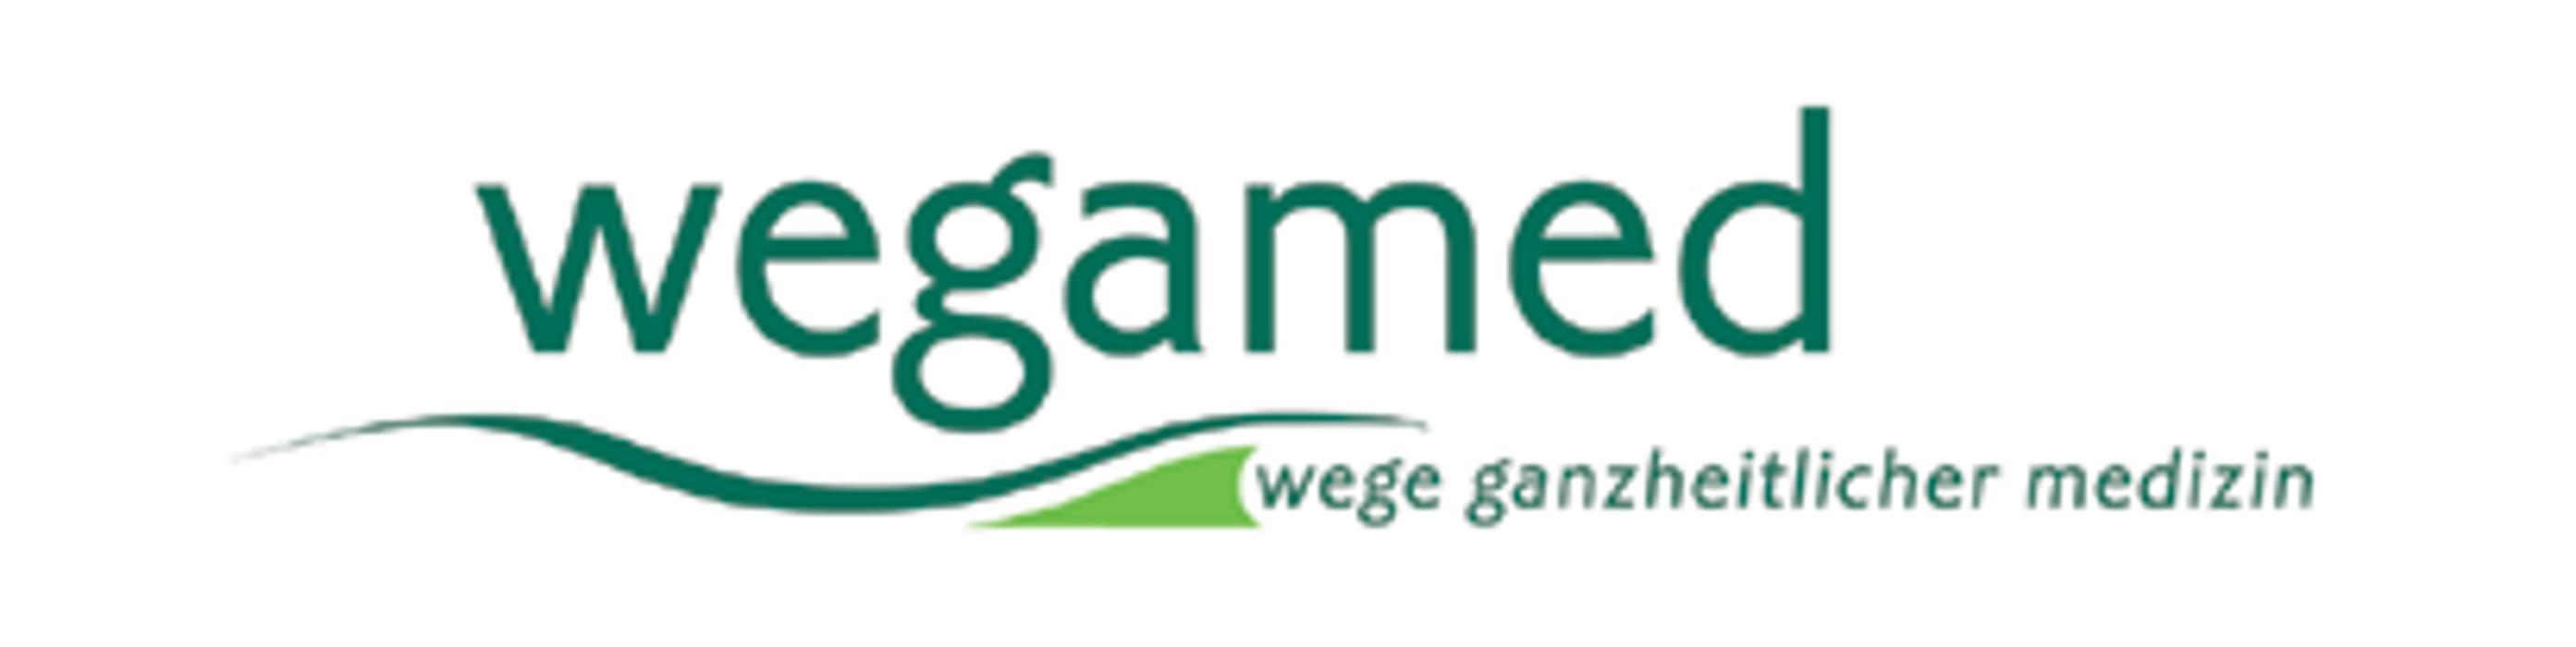 Bild zu Wegamed GmbH in Essen